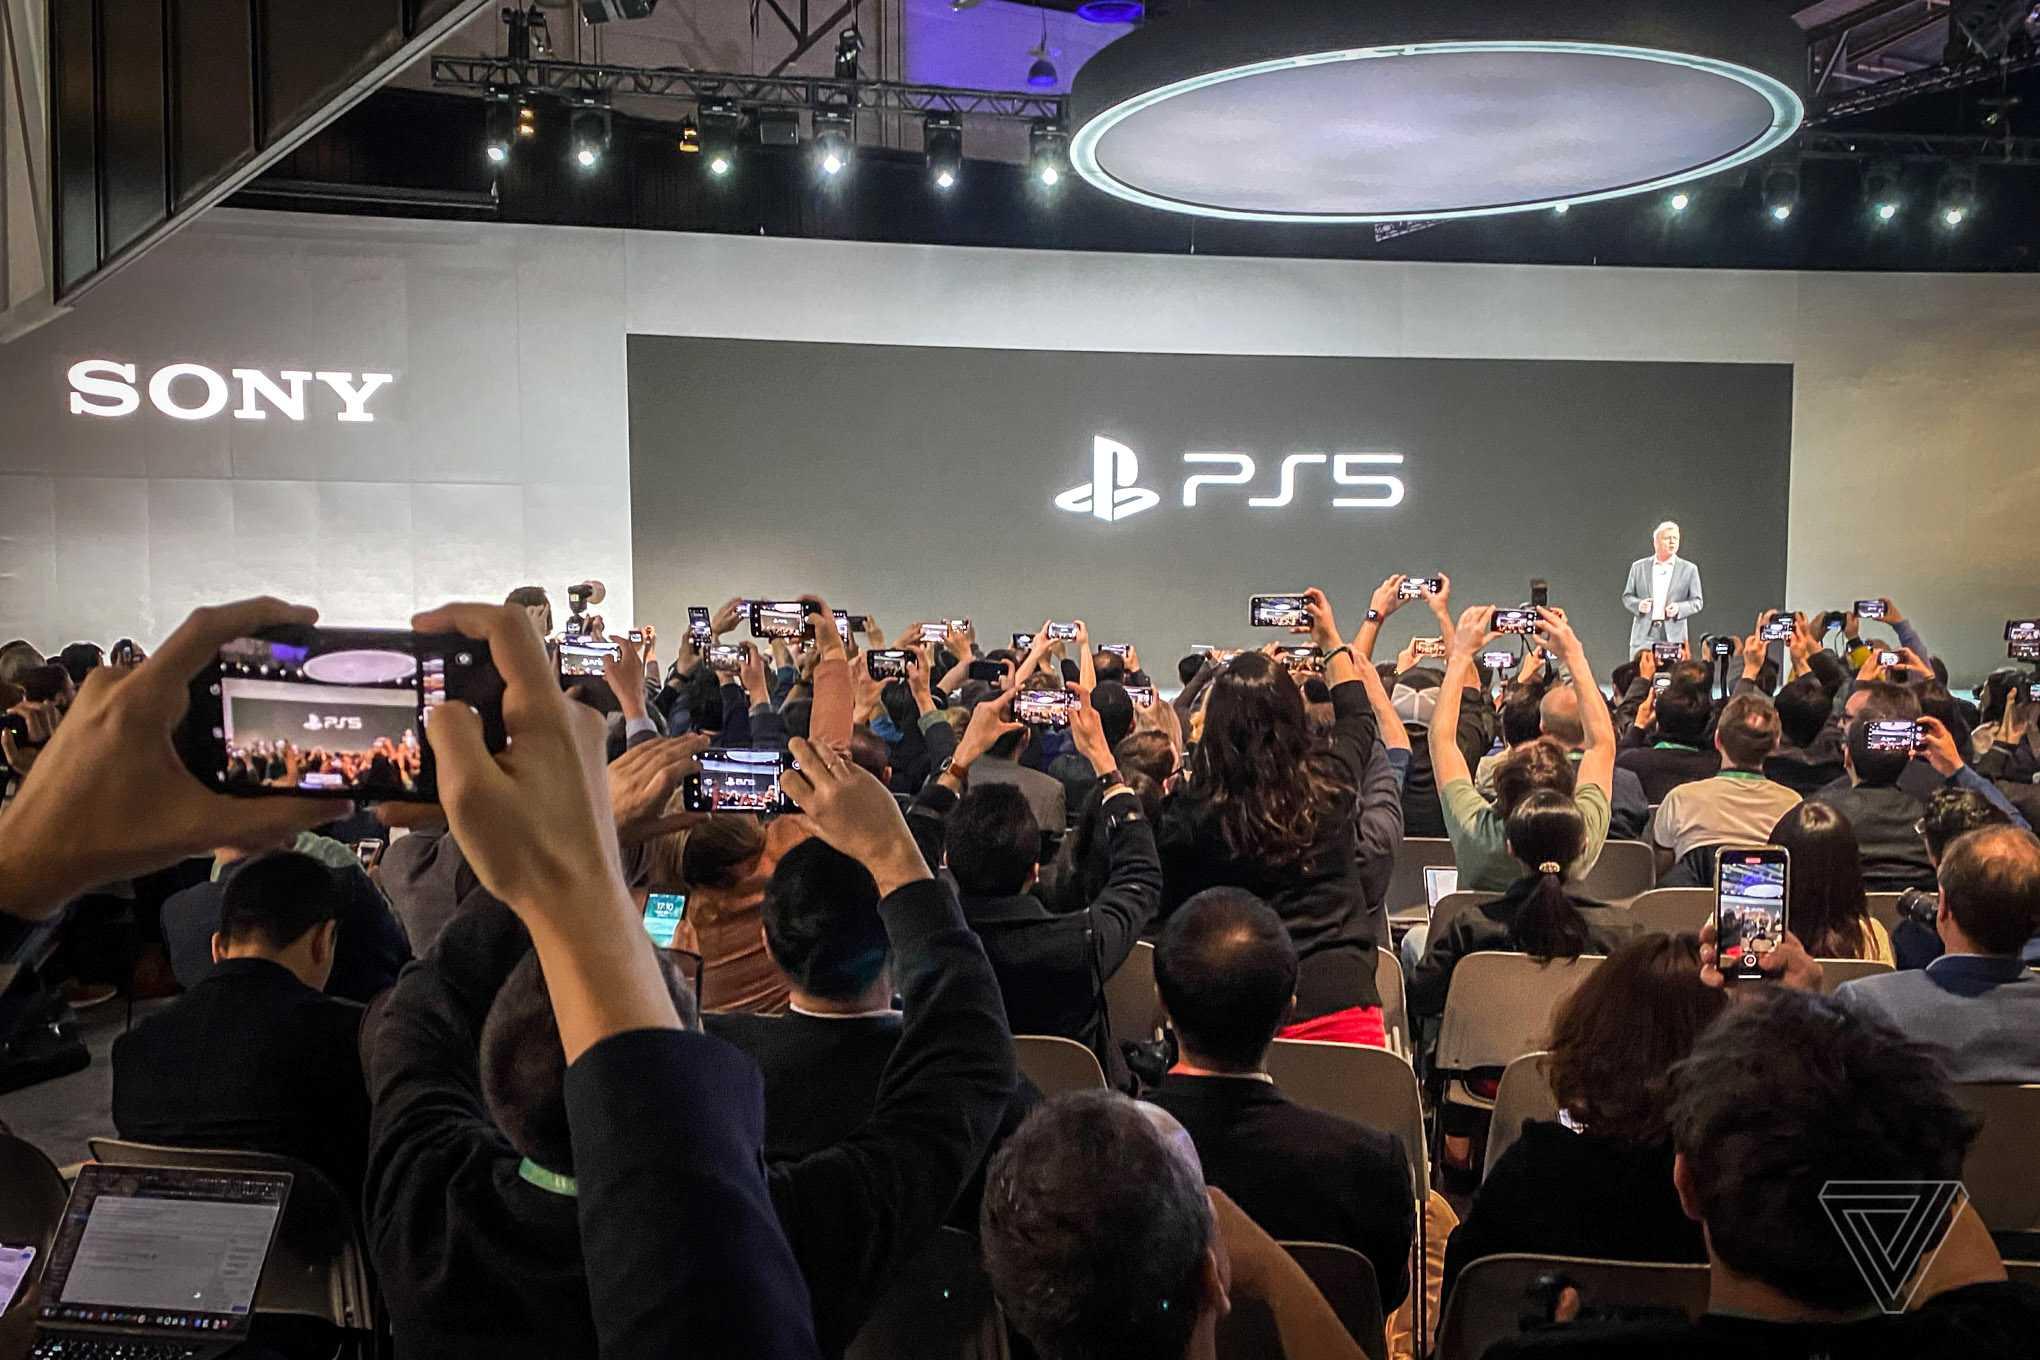 Где и как купить playstation 5 – мрачная ситуация на рынке консолей россии | гейминг | cq.ru